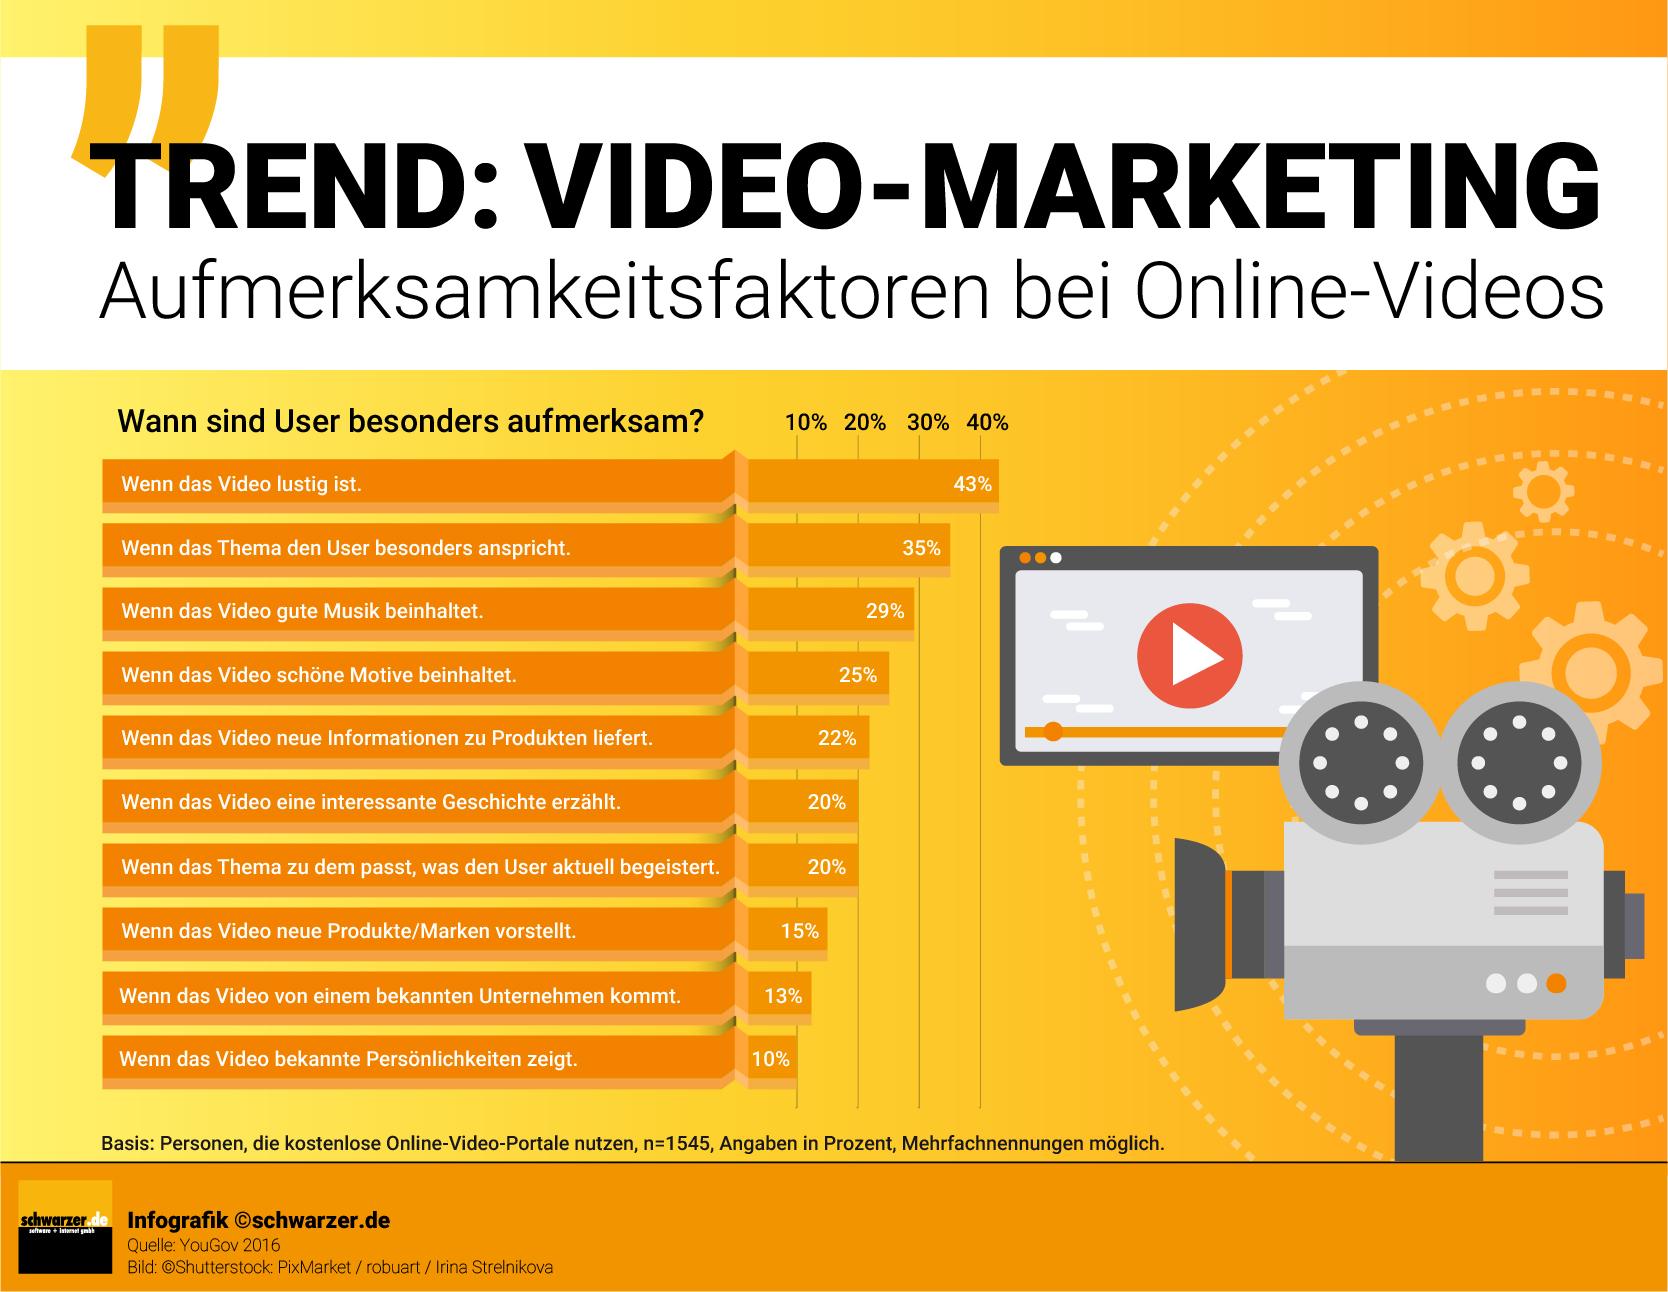 Infografik: Aufwärtstrend im Videomarketing. Was sind die Aufmerksamkeitsfaktoren bei Online-Videos und wann sind die User besonders aufmerksam?